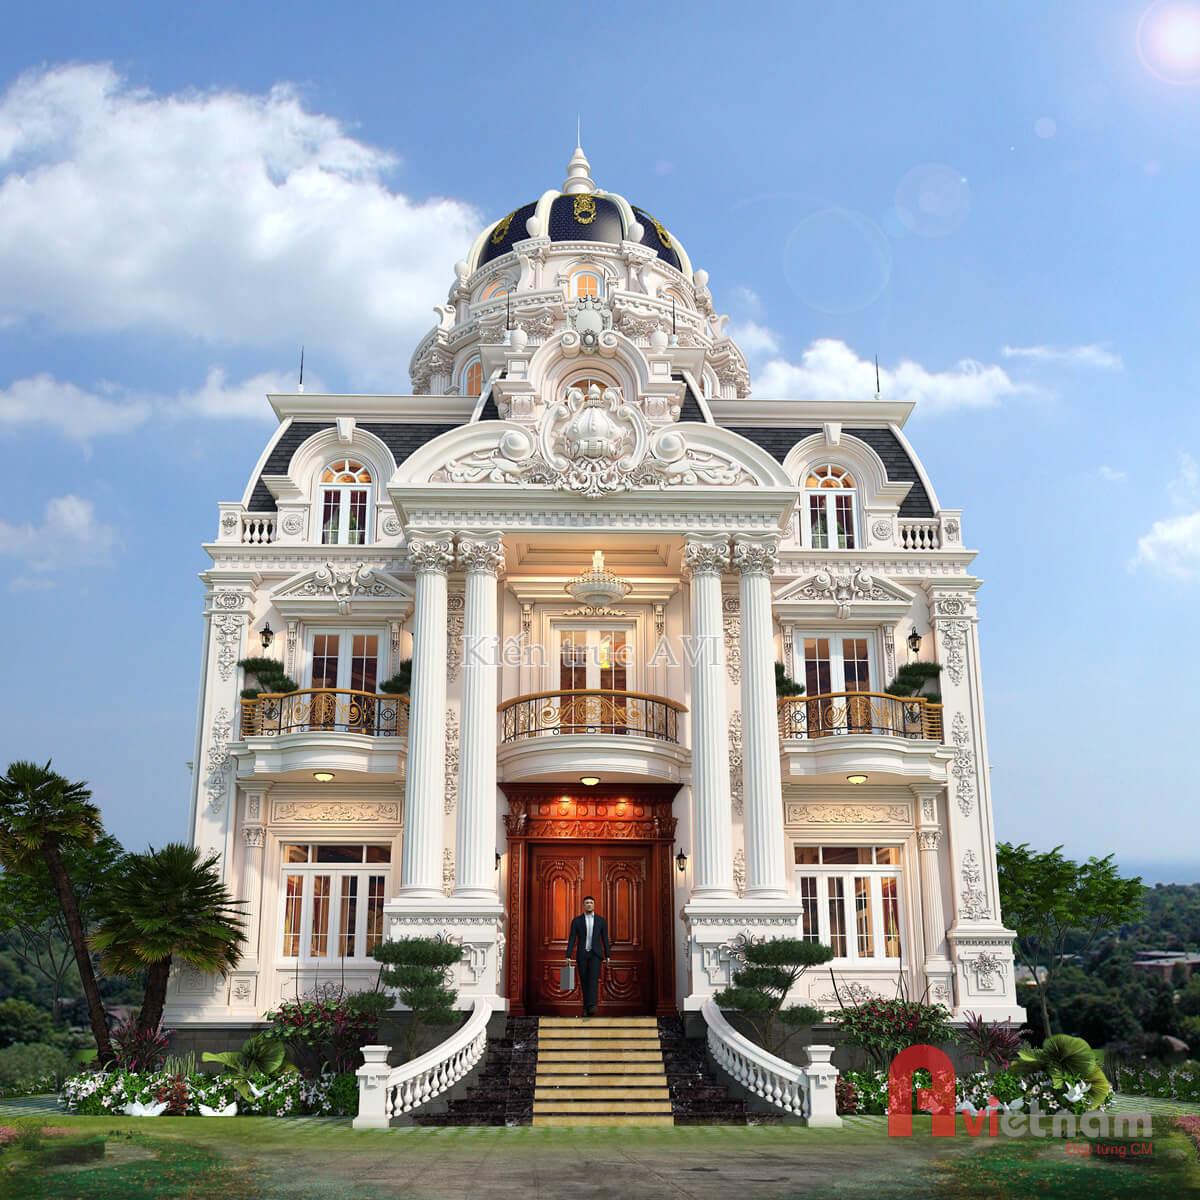 Thiết kế biệt thự 4 tầng kiến trúc cổ điển châu Âu